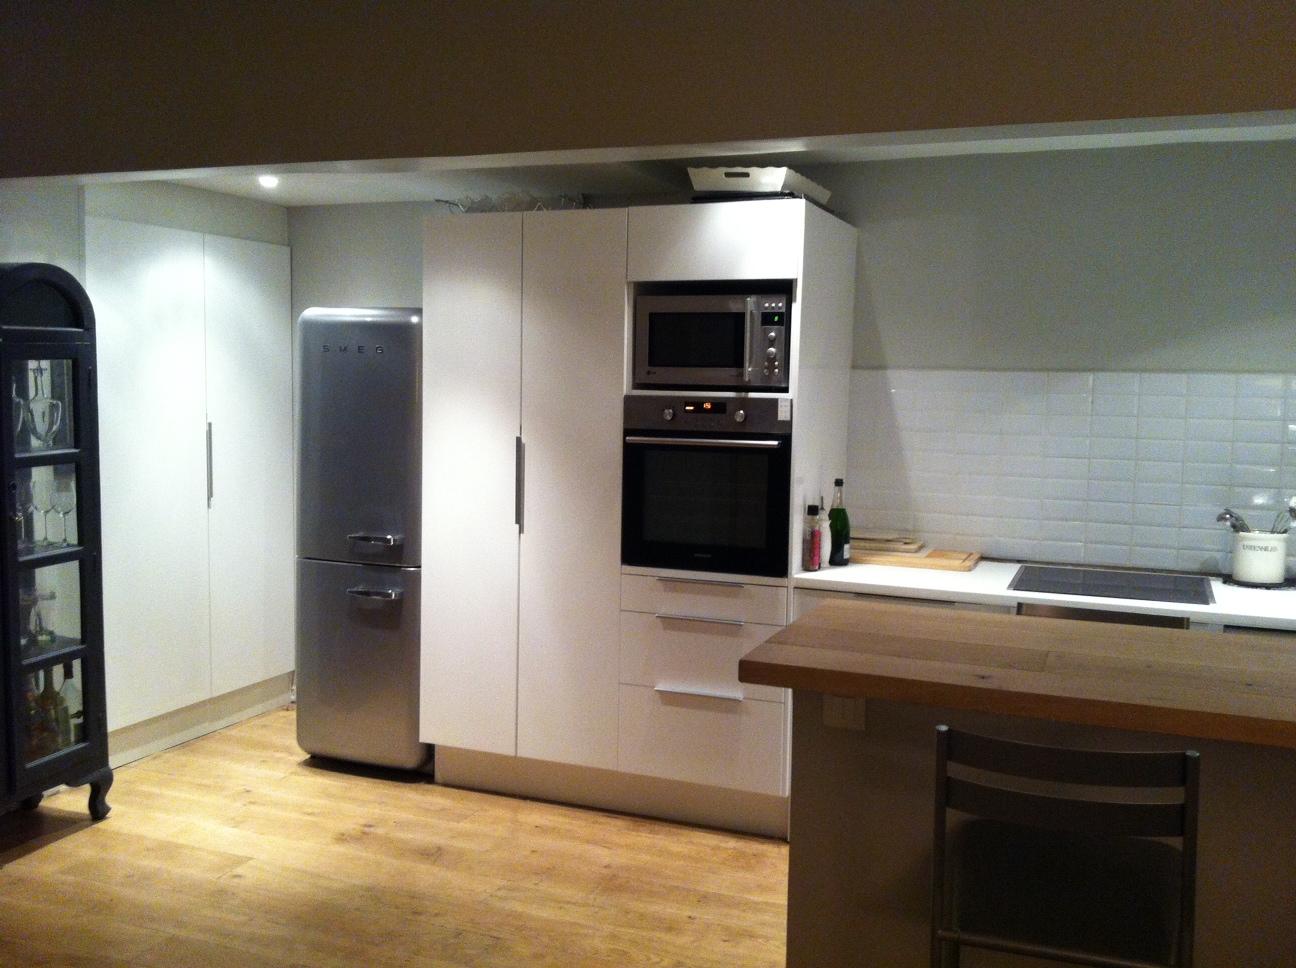 Installateur cuisine ikea boulogne billancourt 92 - Creation cuisine ikea ...